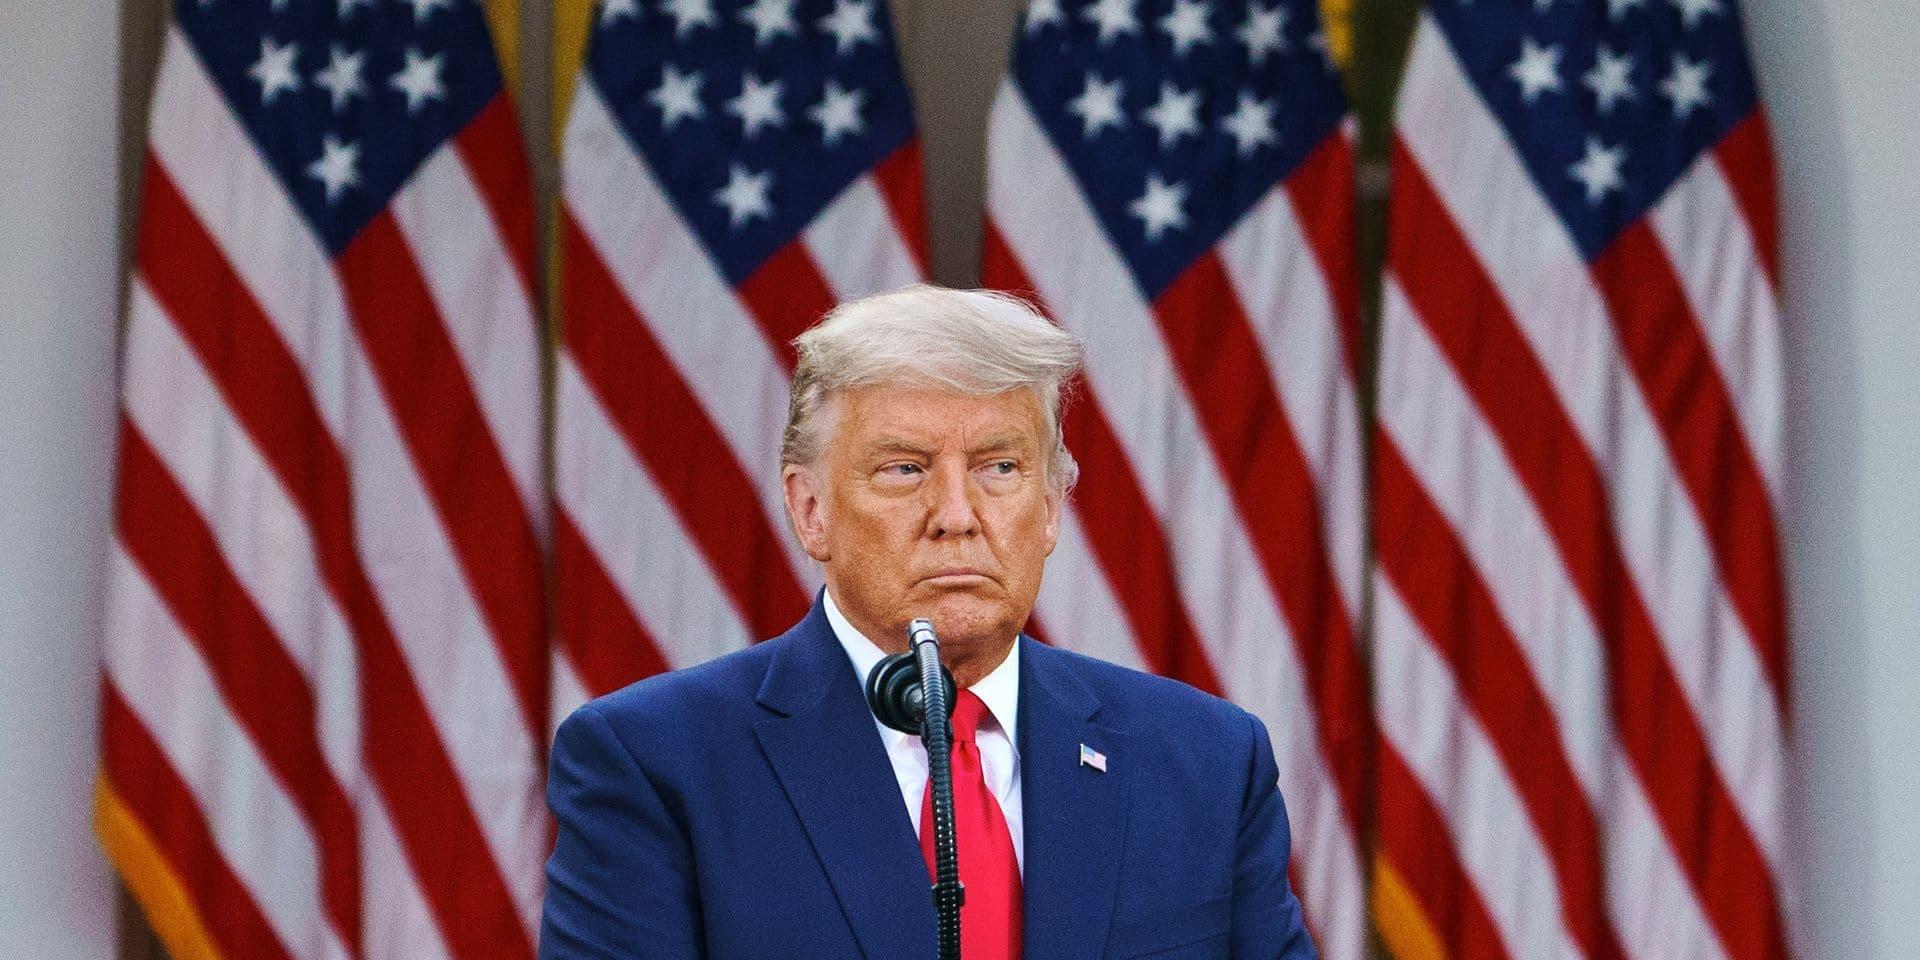 """""""Il continue d'amplifier ses mensonges"""", """"Il empêche la transition électorale"""": les médias américains fustigent l'attitude de Trump"""